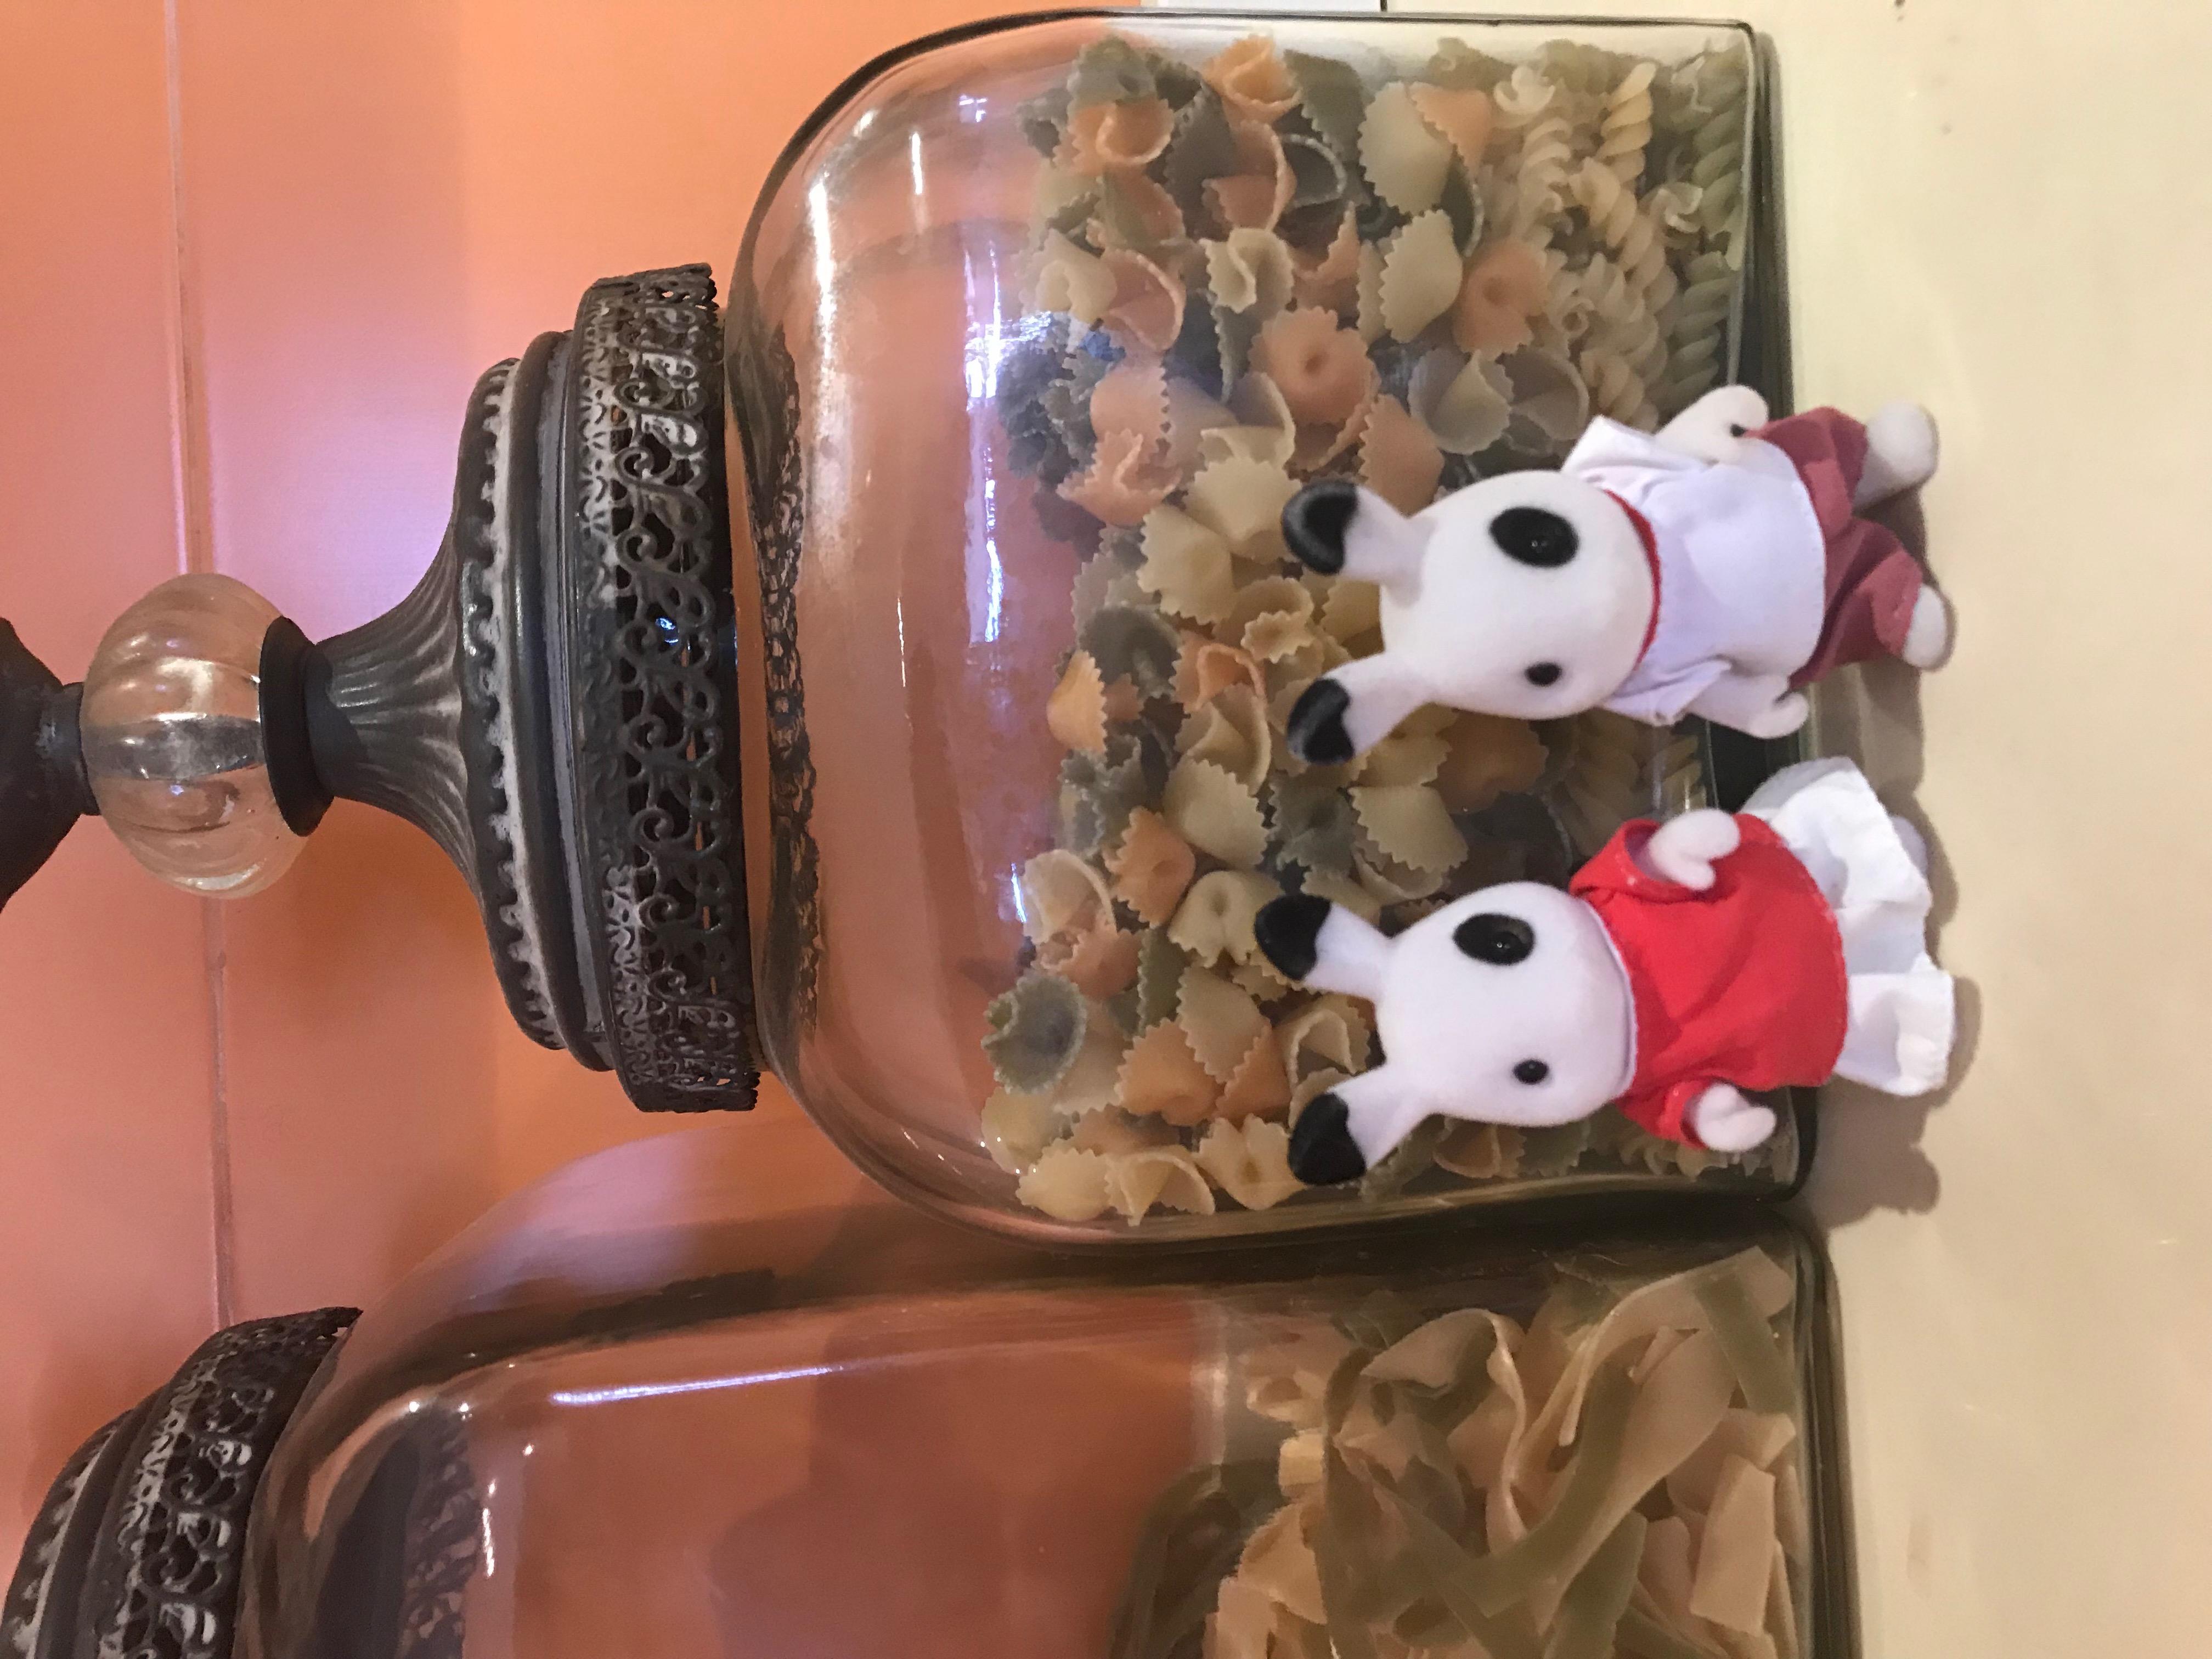 Spotted Blackberry Rabbit Family